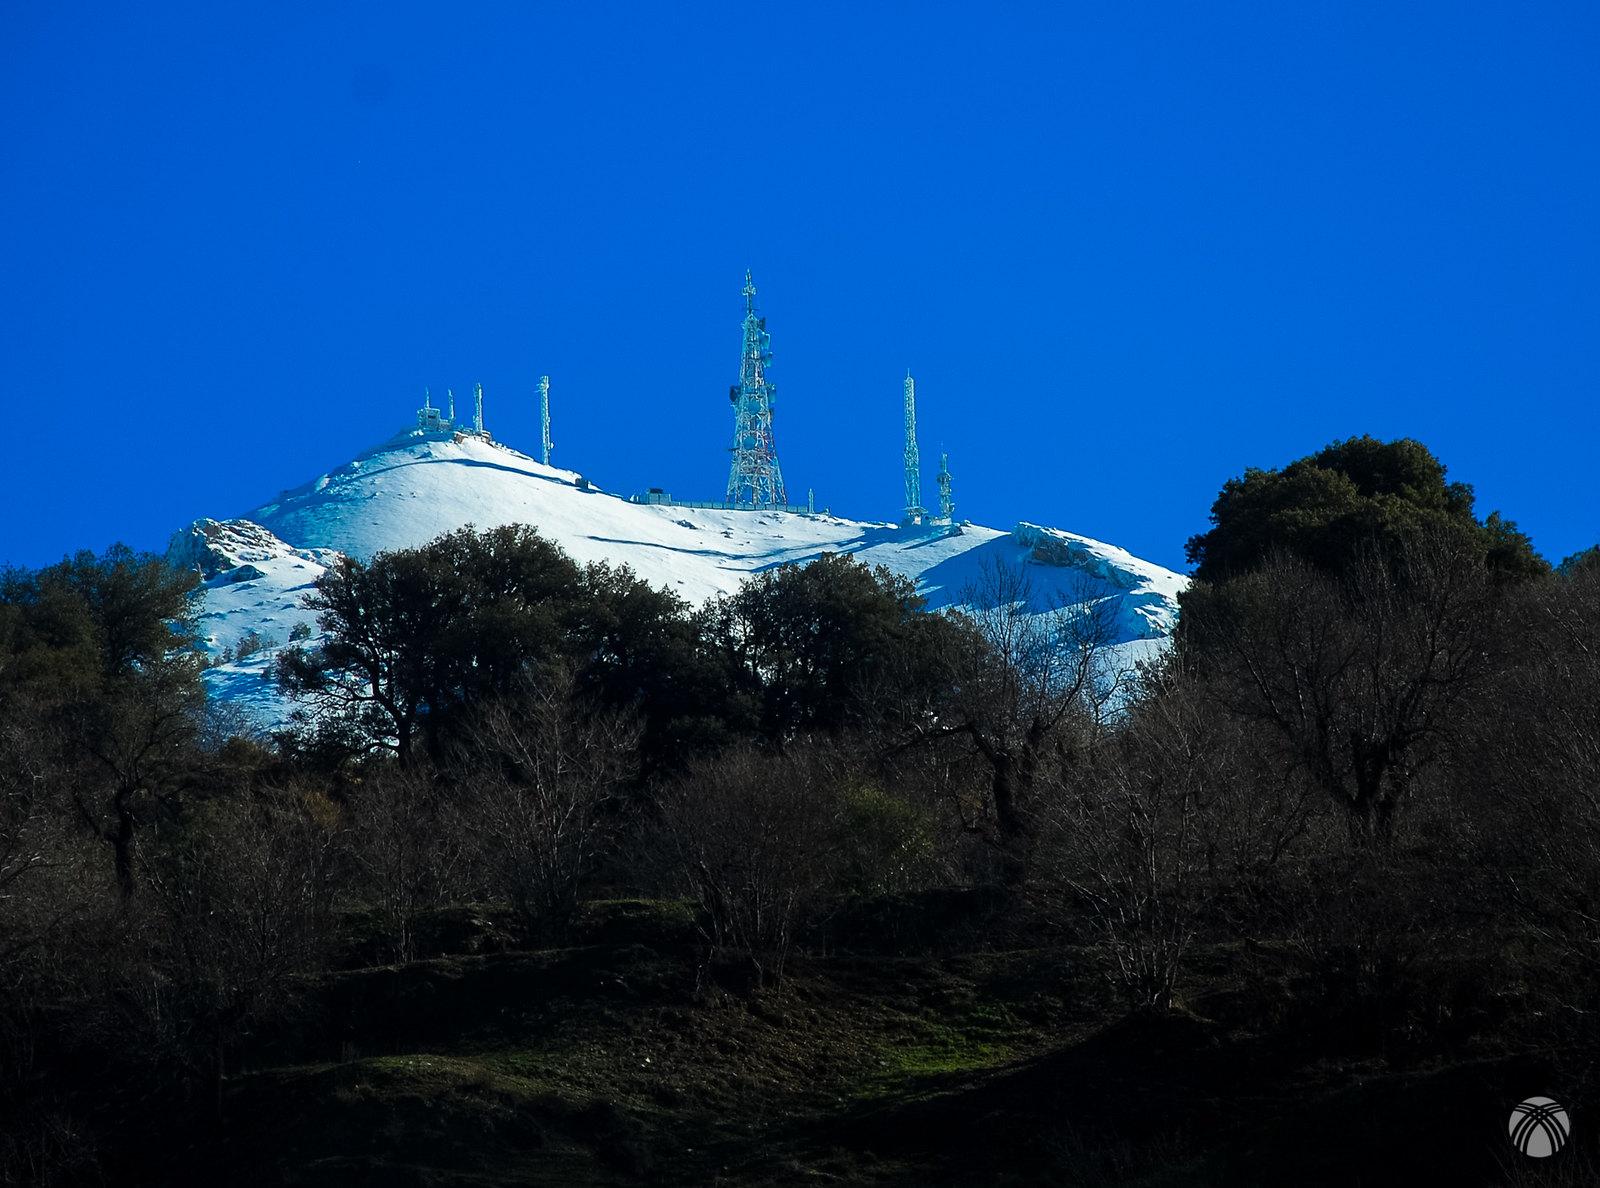 La cumbre todavía está muy lejos. El zoom engaña